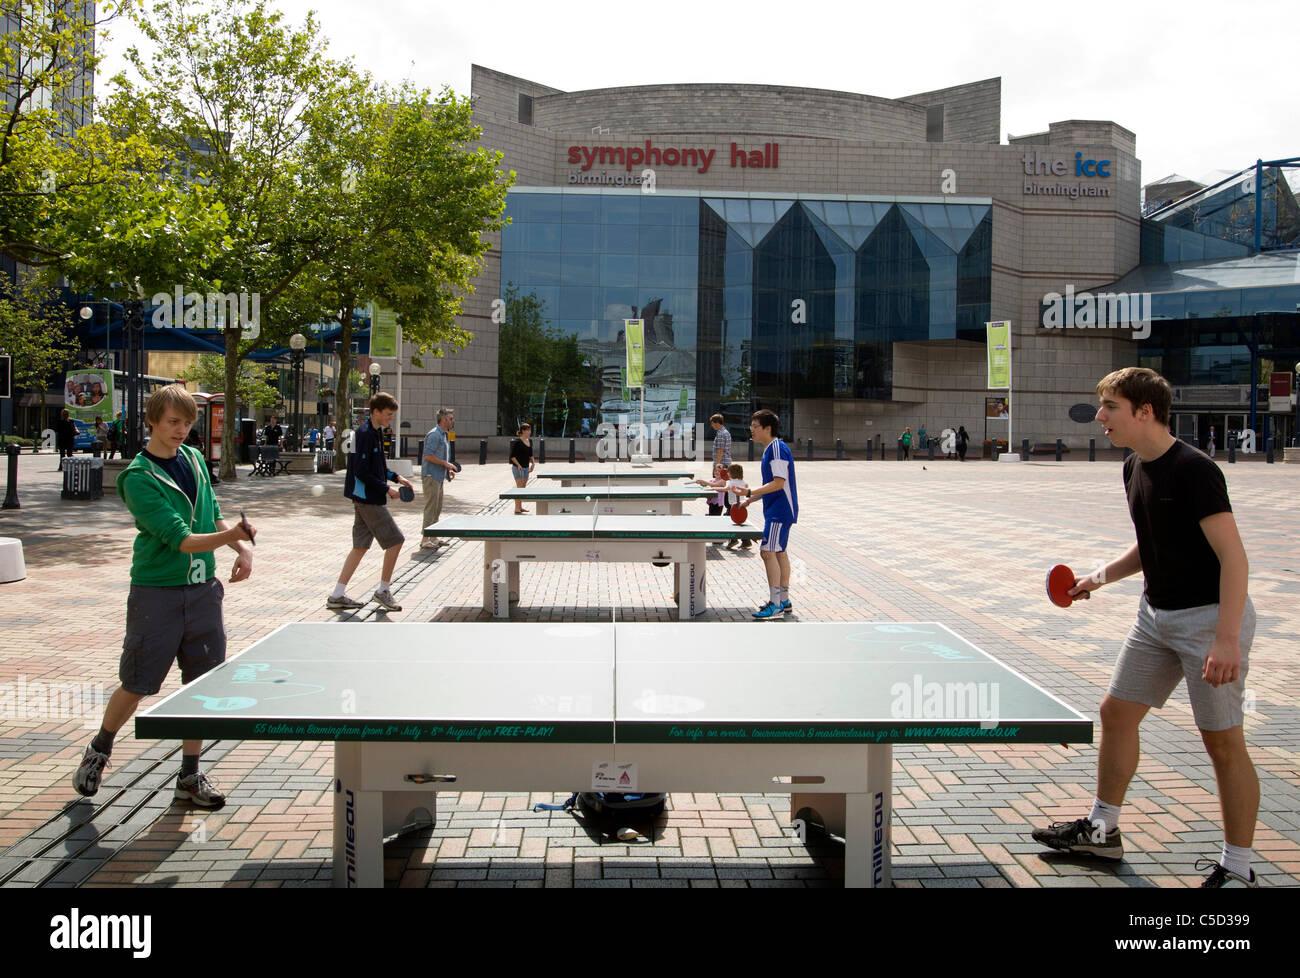 Personnes jouant au ping-pong dans Broad Street Birmingham. Plus de 50 tables de ping-pong ont été mis Photo Stock